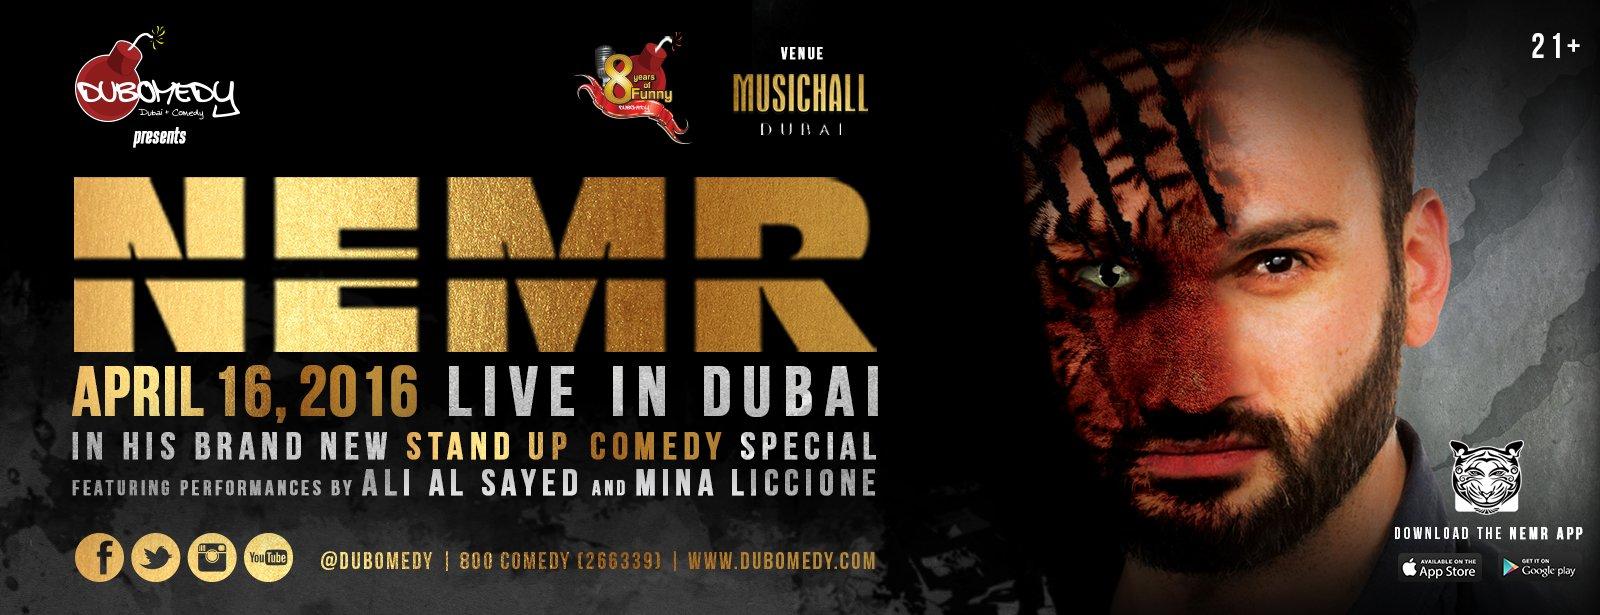 دبي تستضيف ليلة كوميدية يحييها نمر أبو نصّار و علي السيد و مينا ليكوني